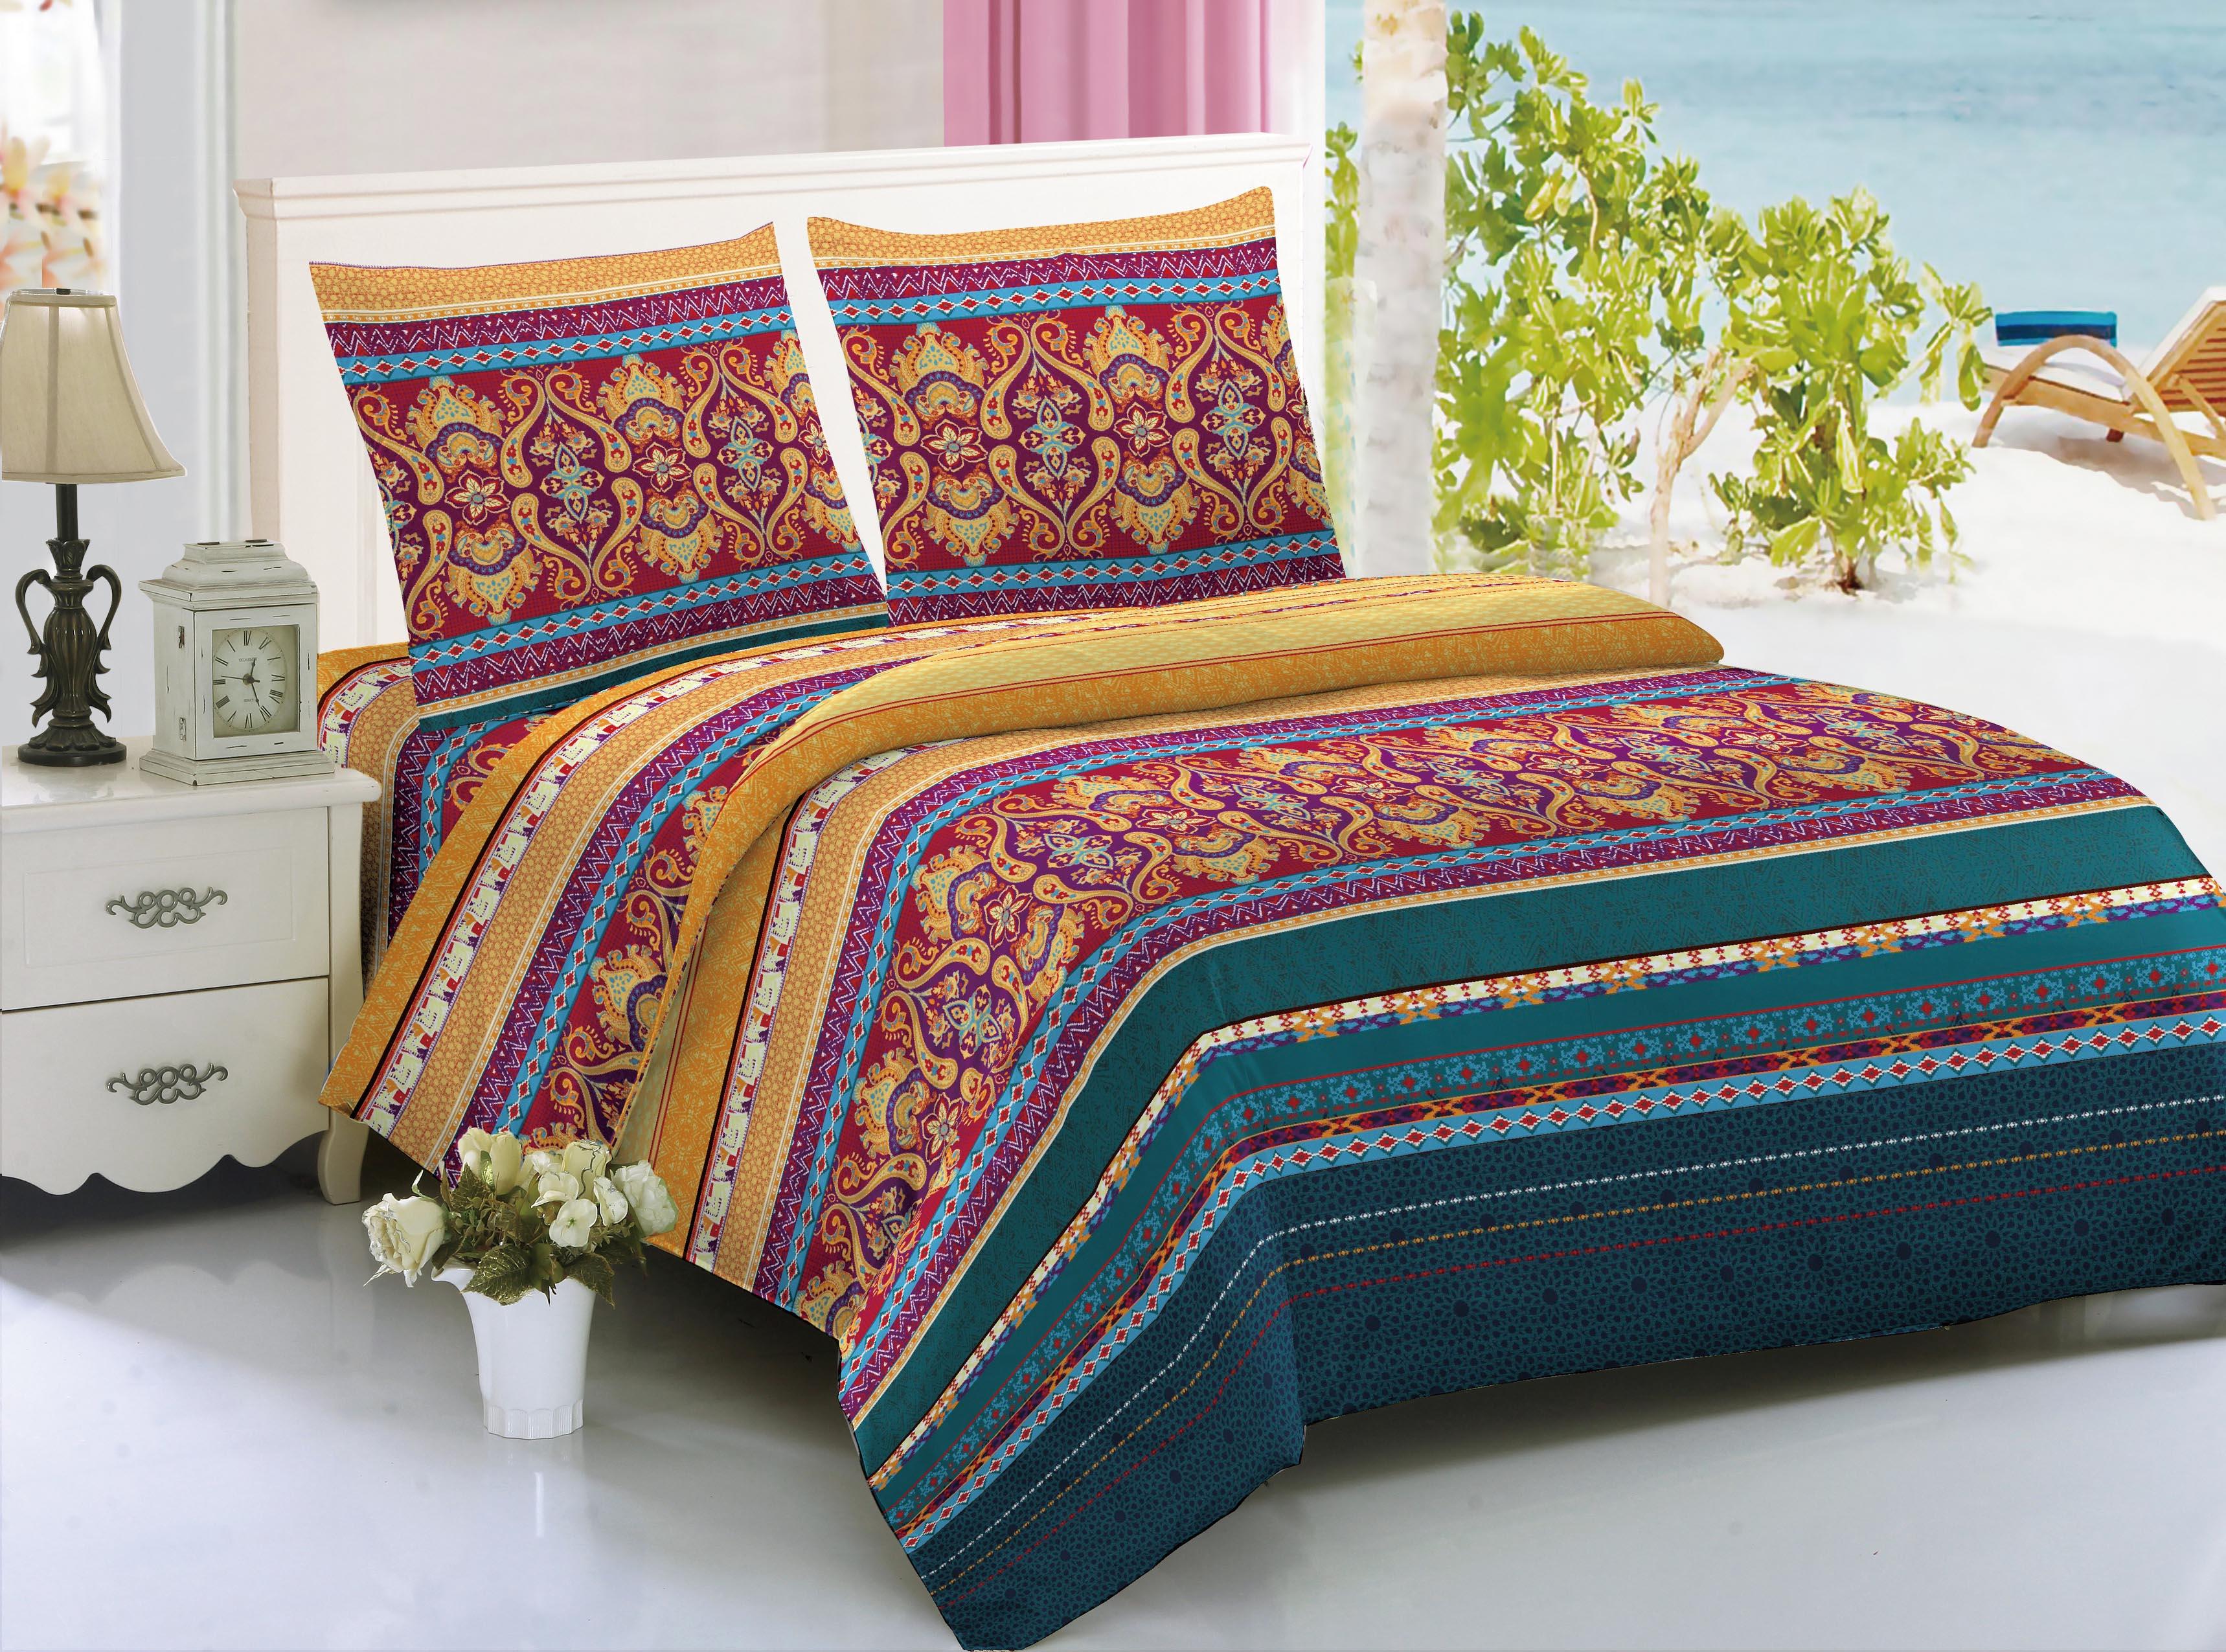 Постельное белье Amore Mio Постельное белье Bangkok (2 сп. евро) постельное белье amore mio постельное белье glasgow 2 сп евро